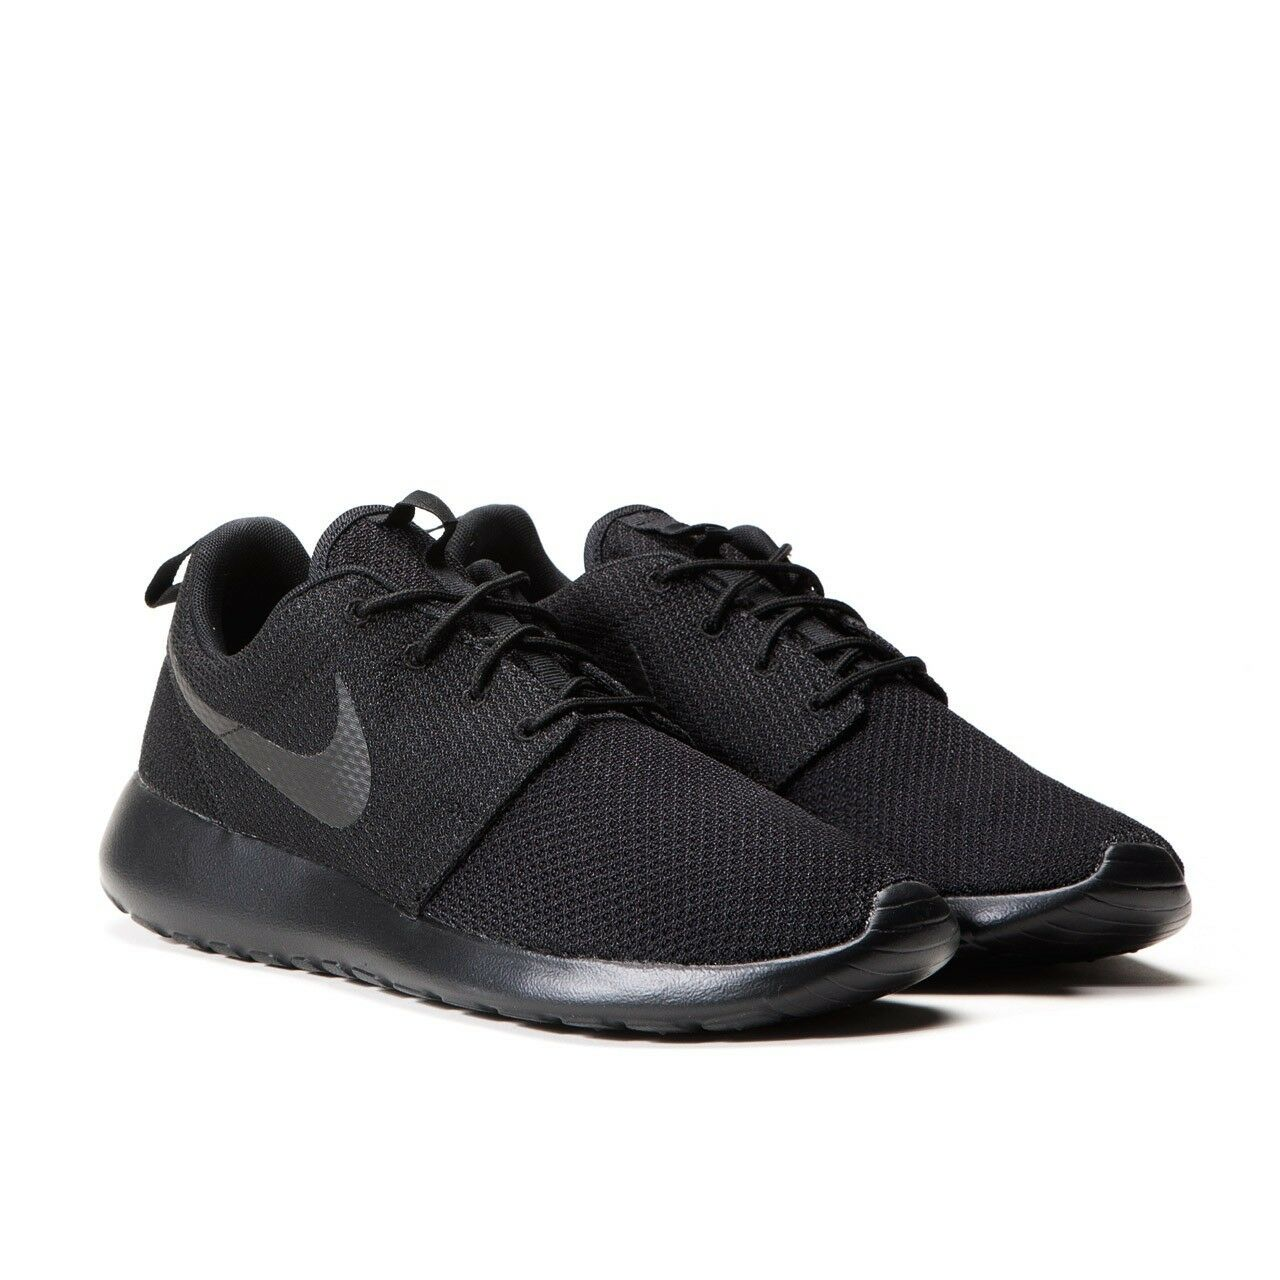 Nike Men's Roshe One Black Black 511881-026 Sz 11